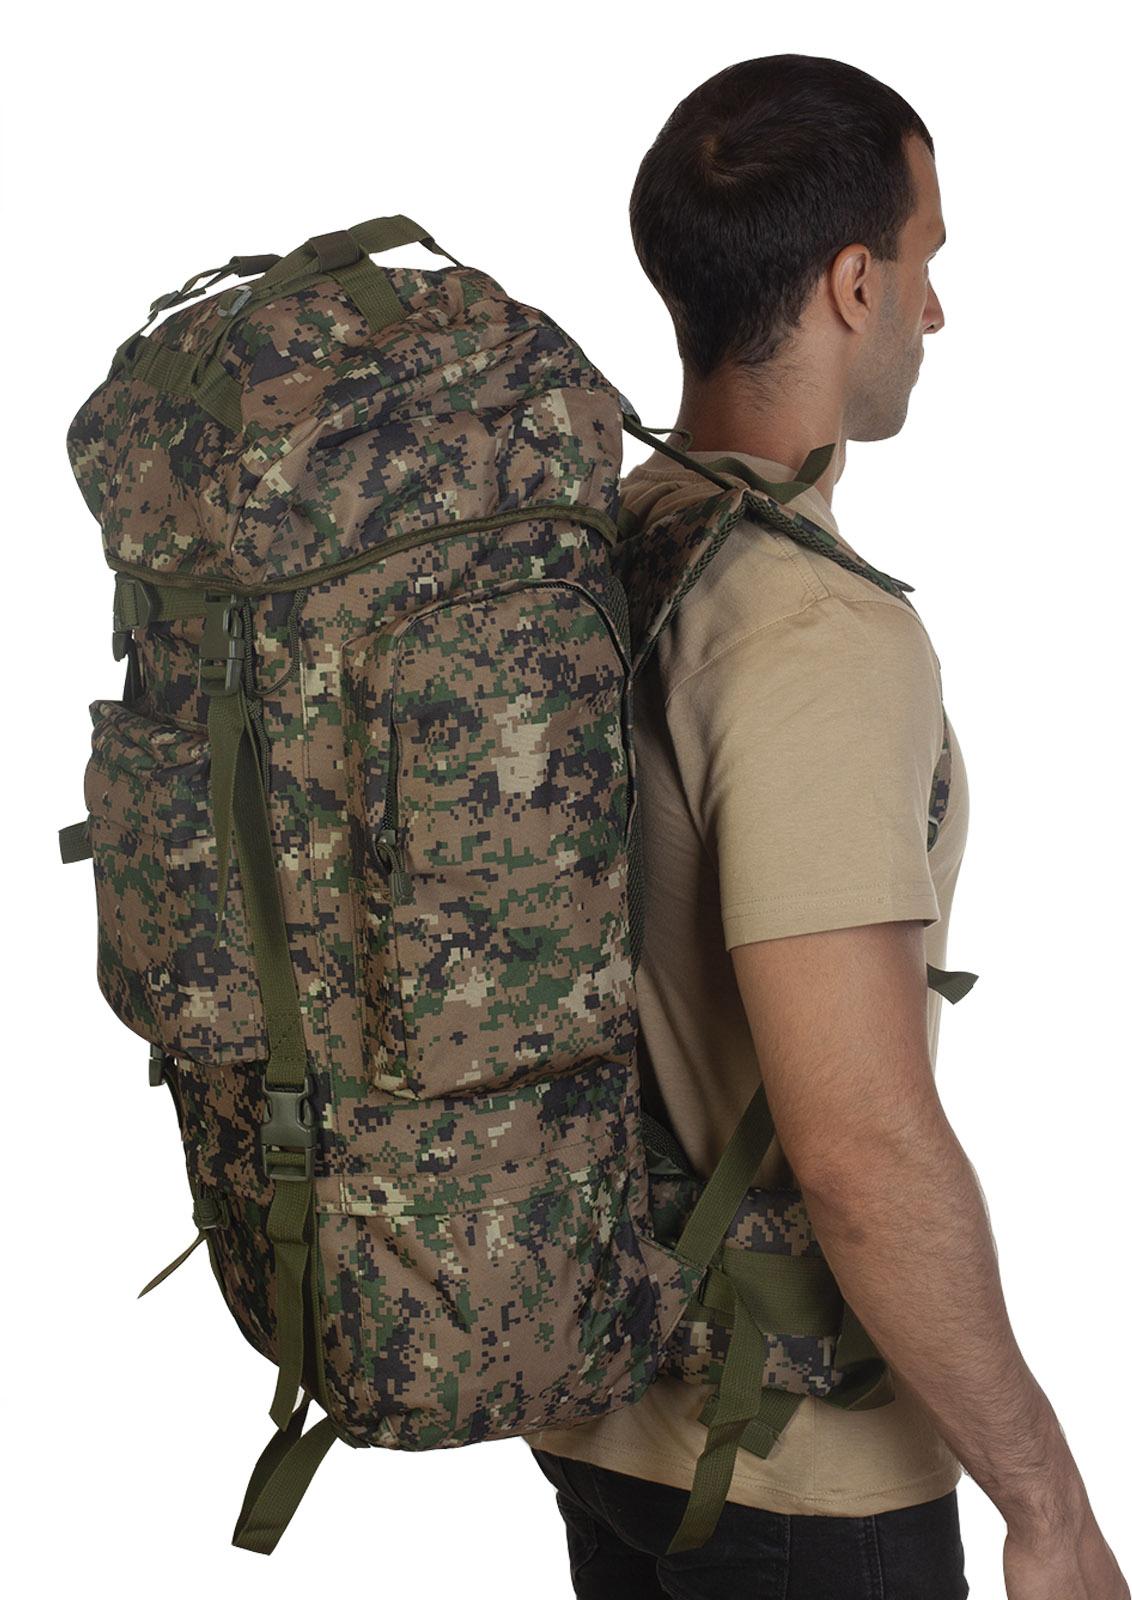 Большой рюкзак для мужчин камуфляжа Digital Woodland - купить онлайн